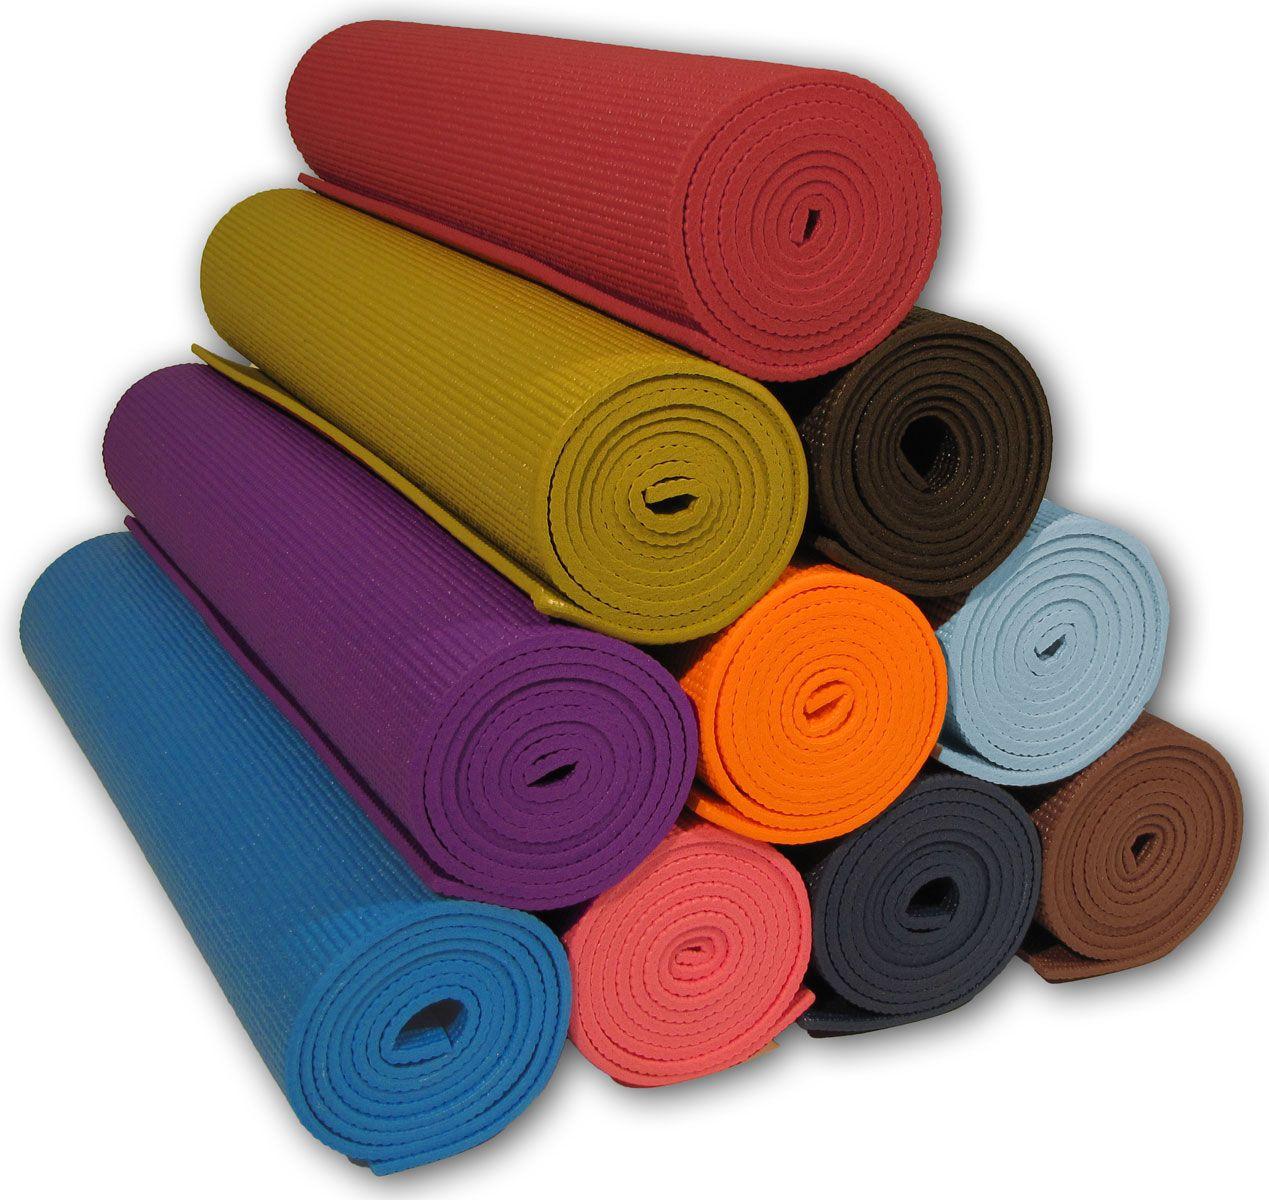 Yoga Mat See More Yoga Mats At Tonysyogamats Com Mat Pilates Yoga Mat Yoga Pilates